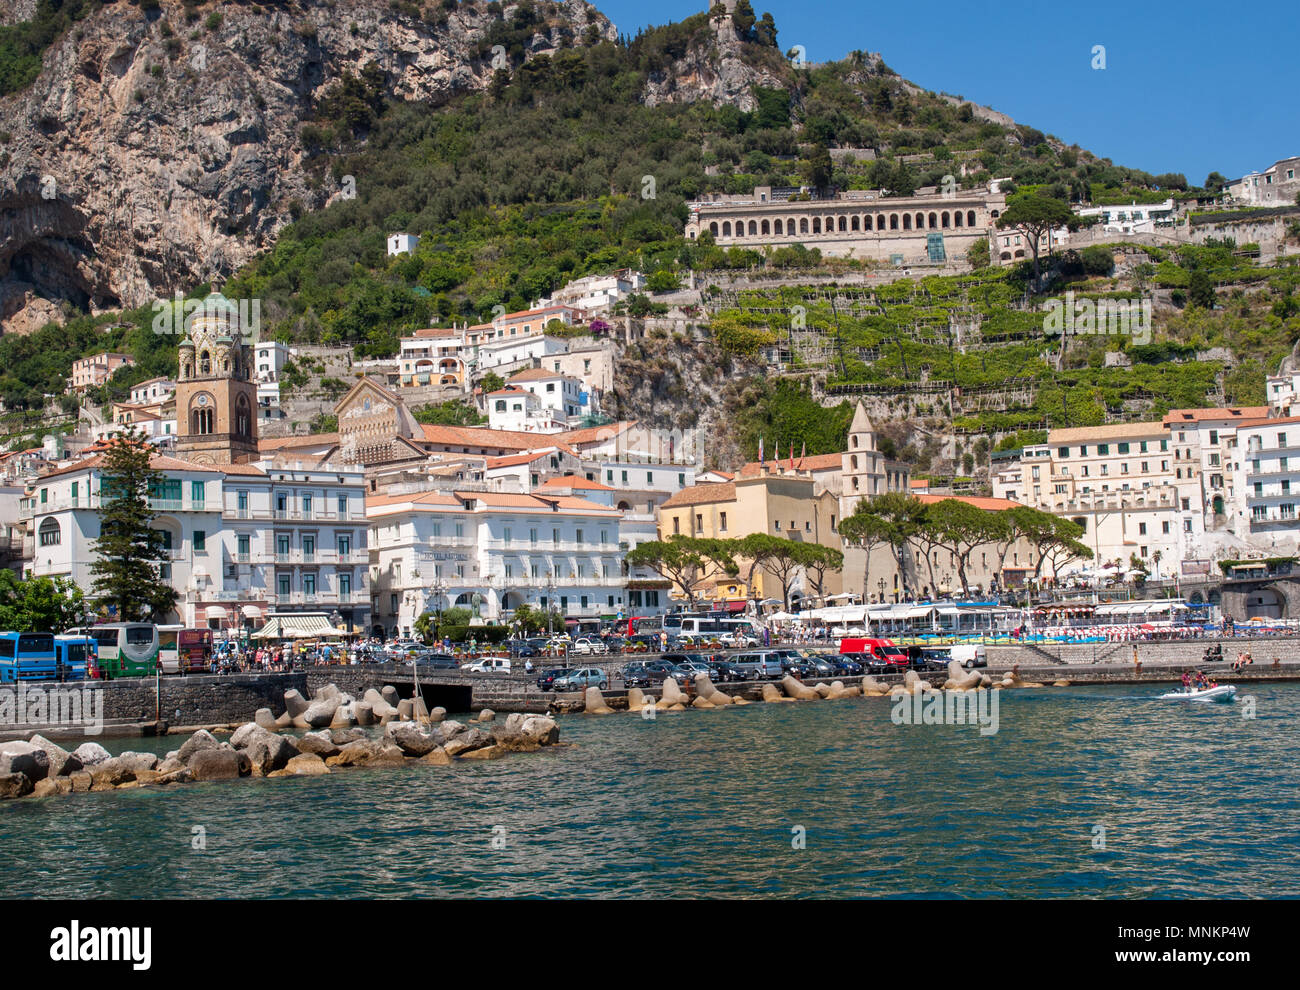 Amalfi, Italia - 13 Giugno 2017: vista di Amalfi. Amalfi è una ...